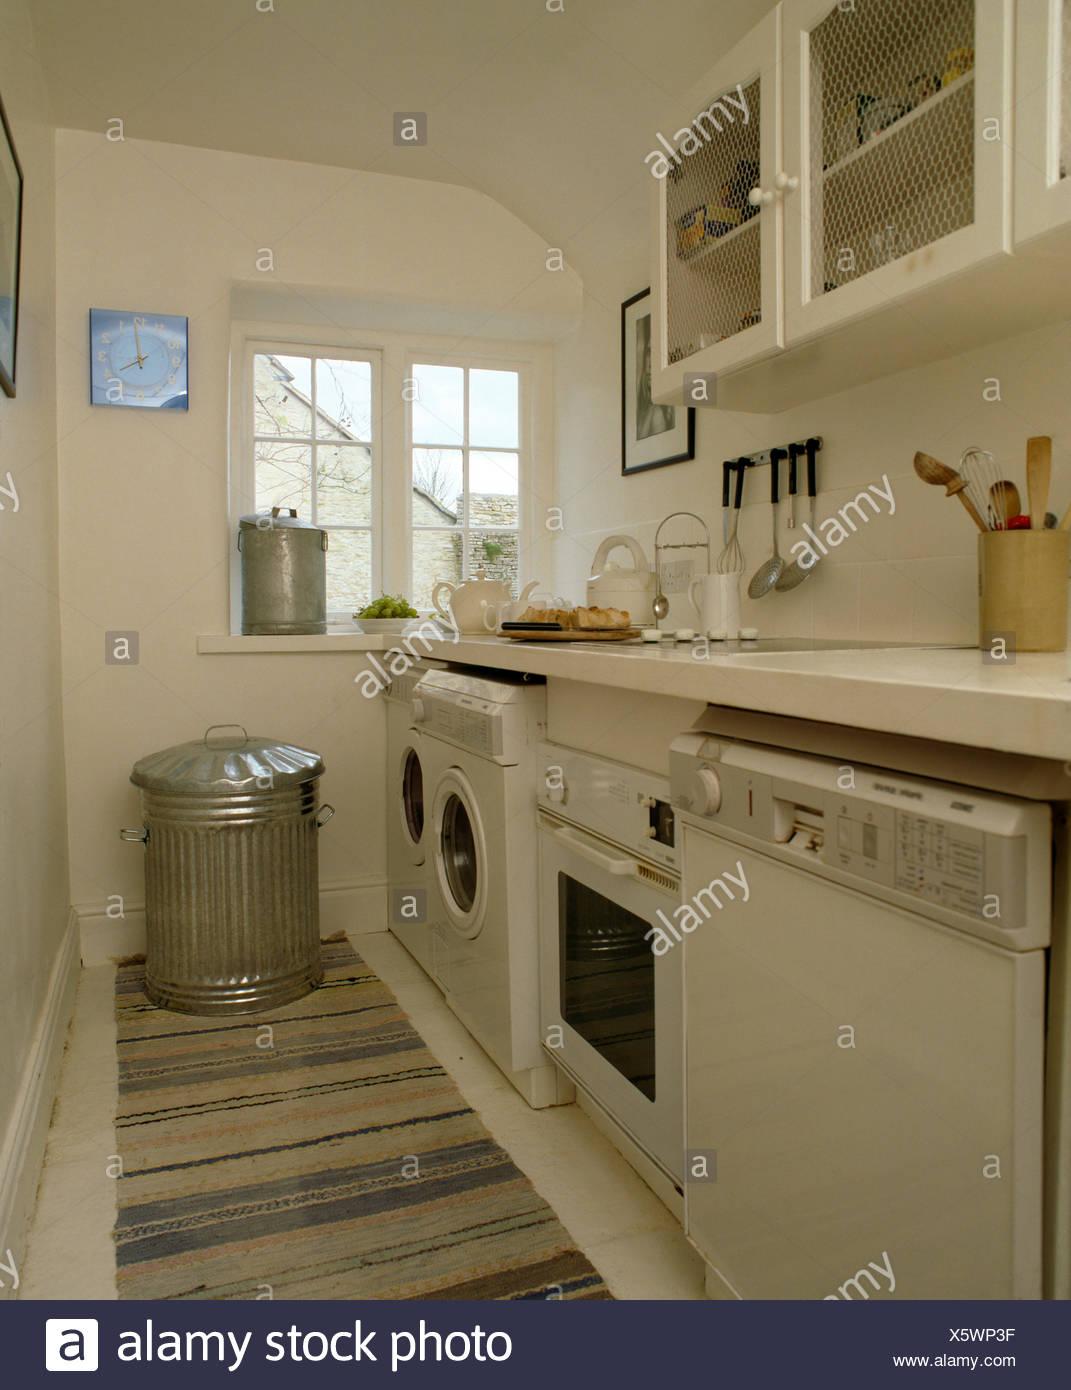 Geschirrspüler und Backofen mit Waschmaschine in Zeile der Geräte in ...